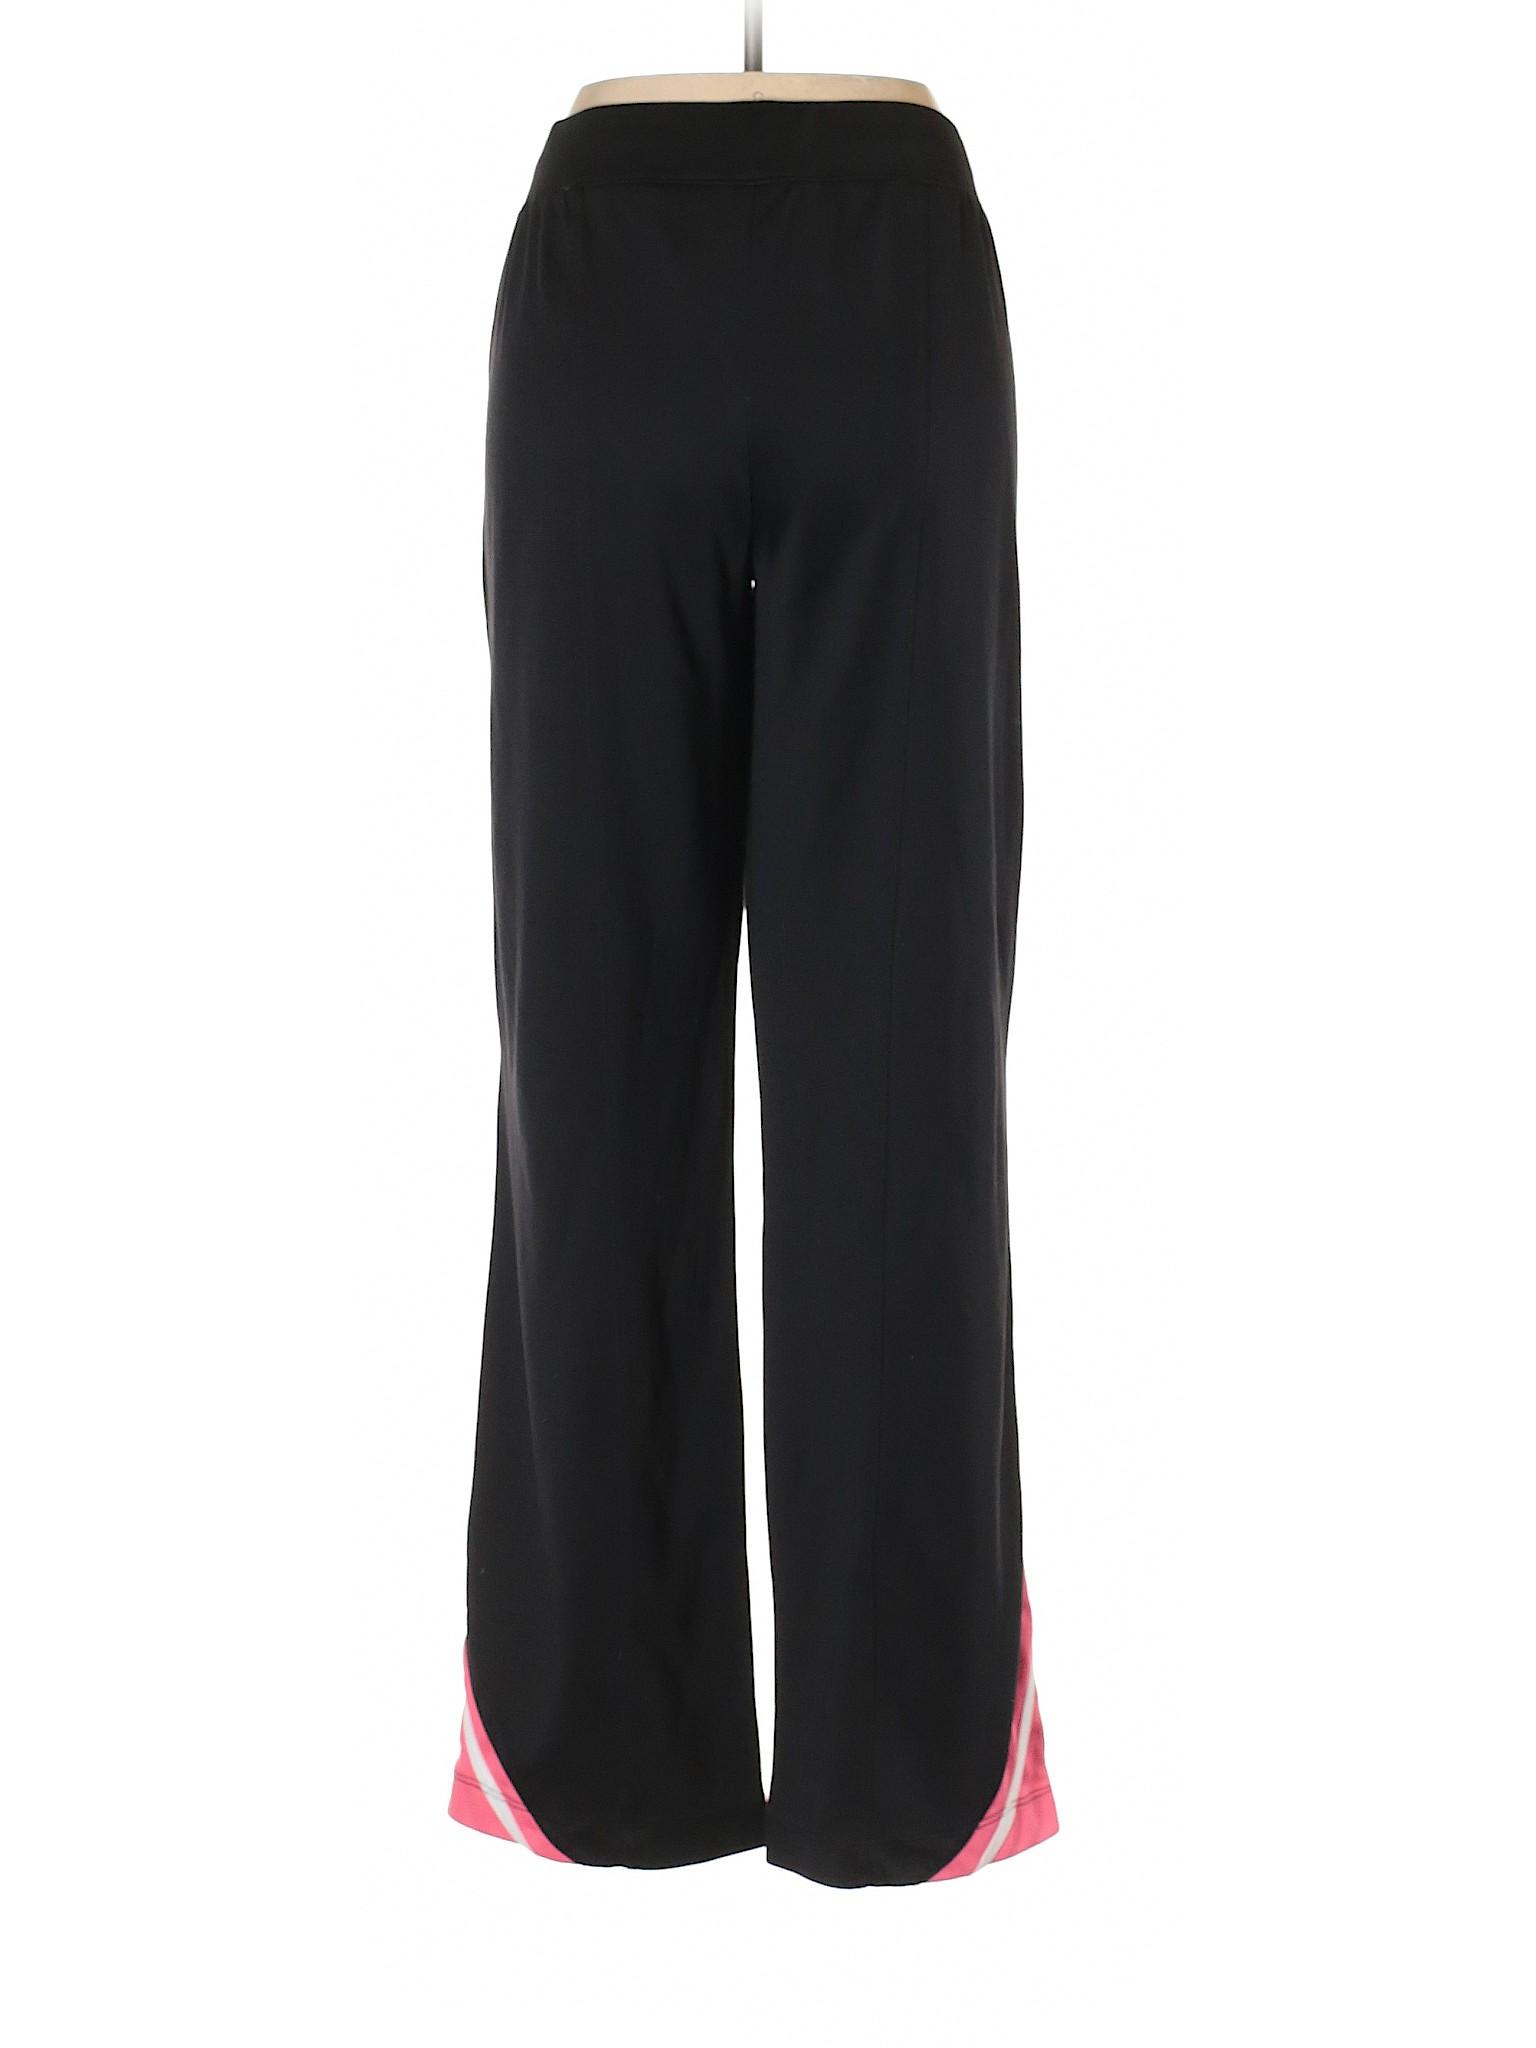 Boutique winter winter Active Boutique Pants Nike nx7CqTwY8